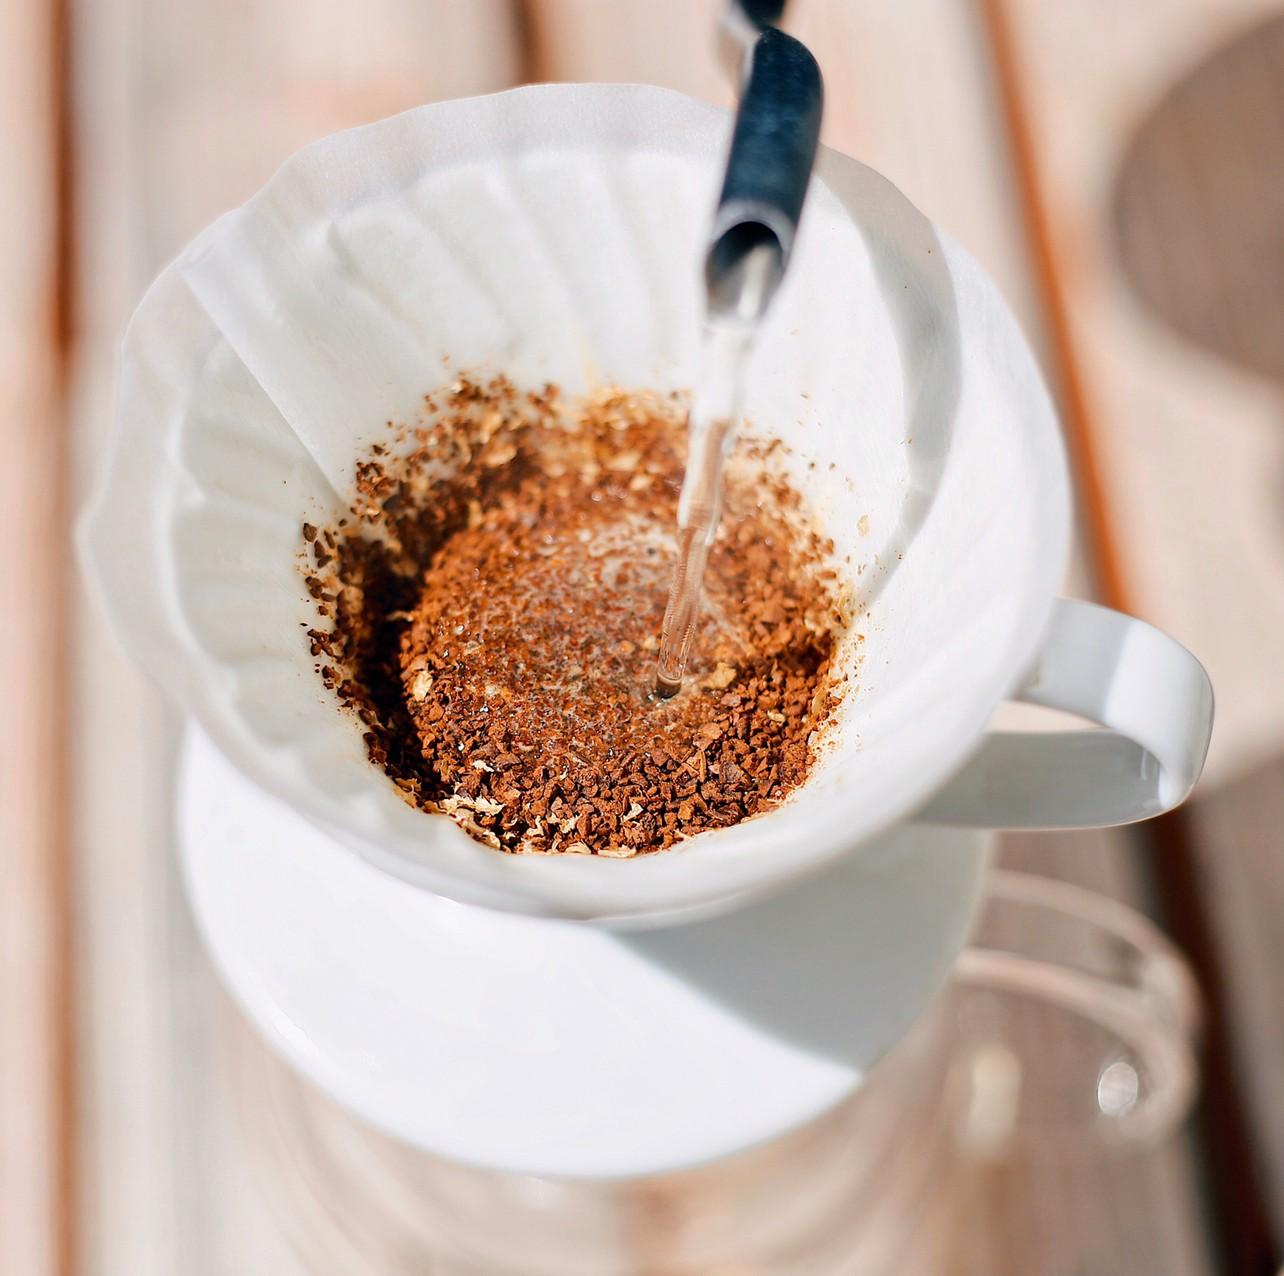 コーヒー定期便がリニューアル!!もっと便利に、もっと楽しく。